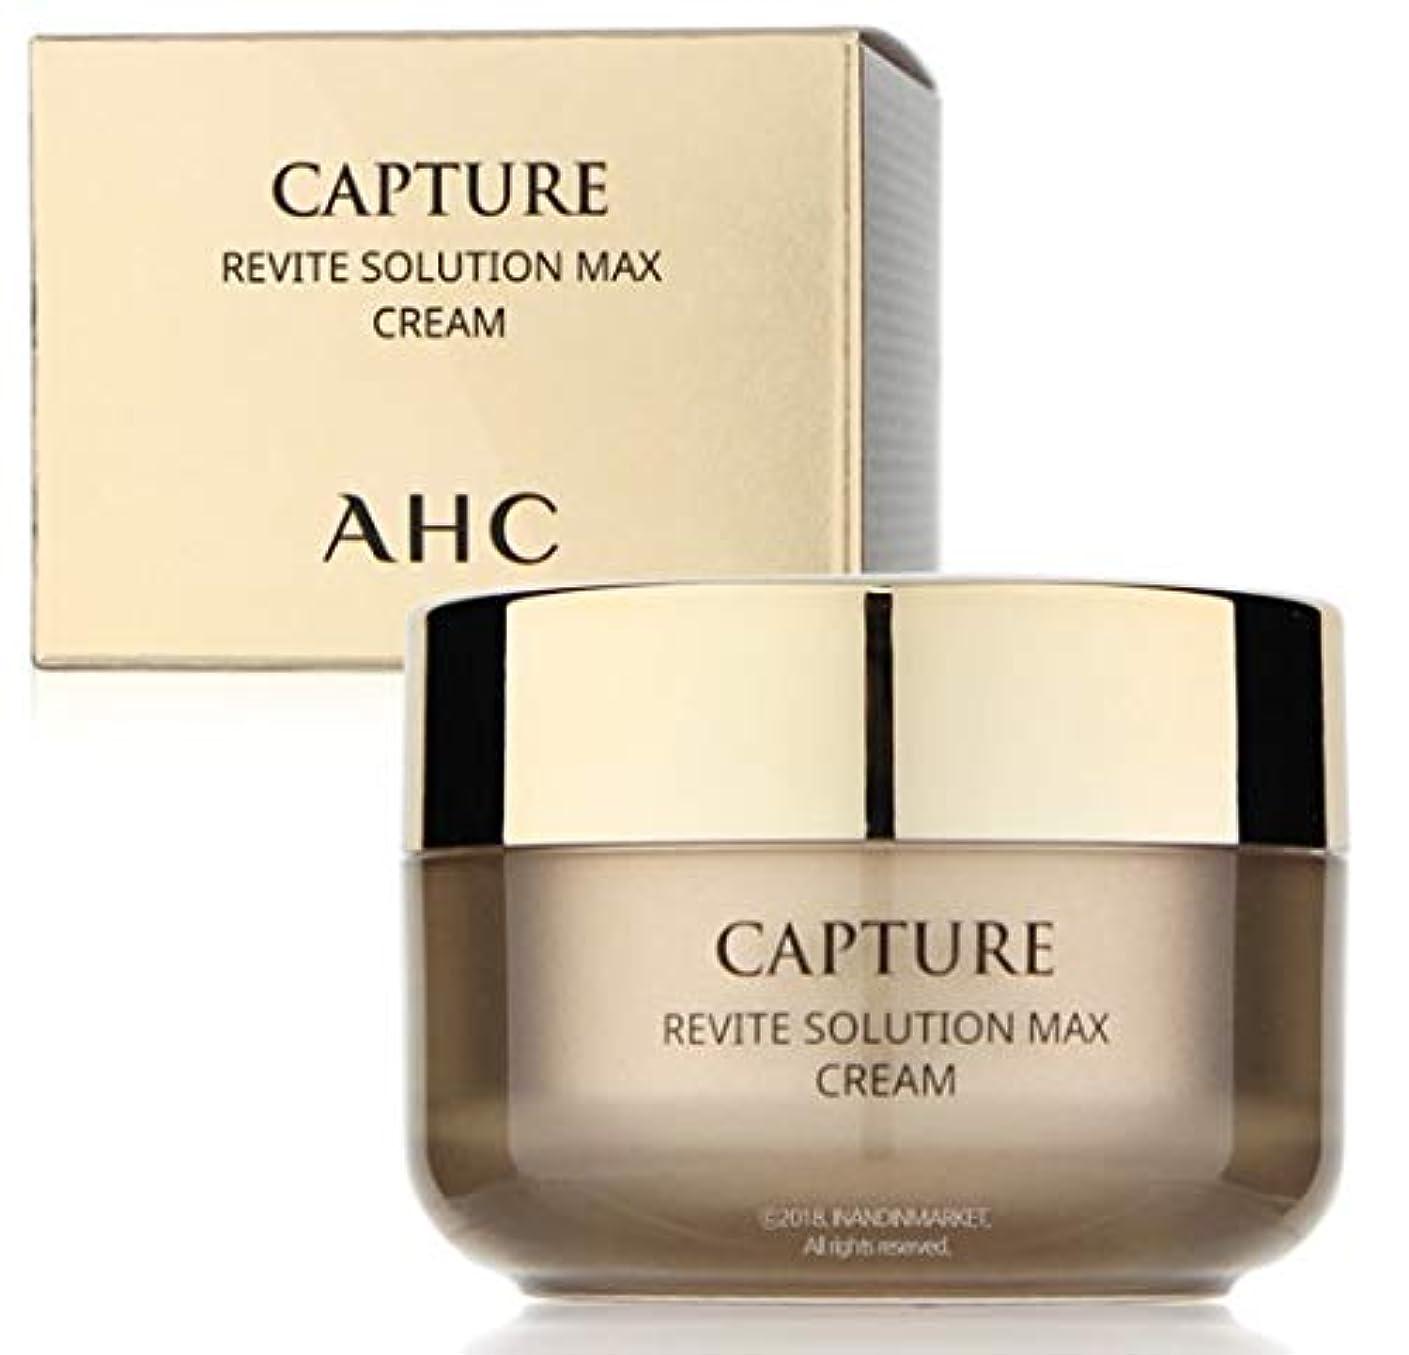 トライアスリート突っ込む灰AHC Capture Revite Solution Max Cream/キャプチャー リバイト ソリューション マックス クリーム 50ml [並行輸入品]